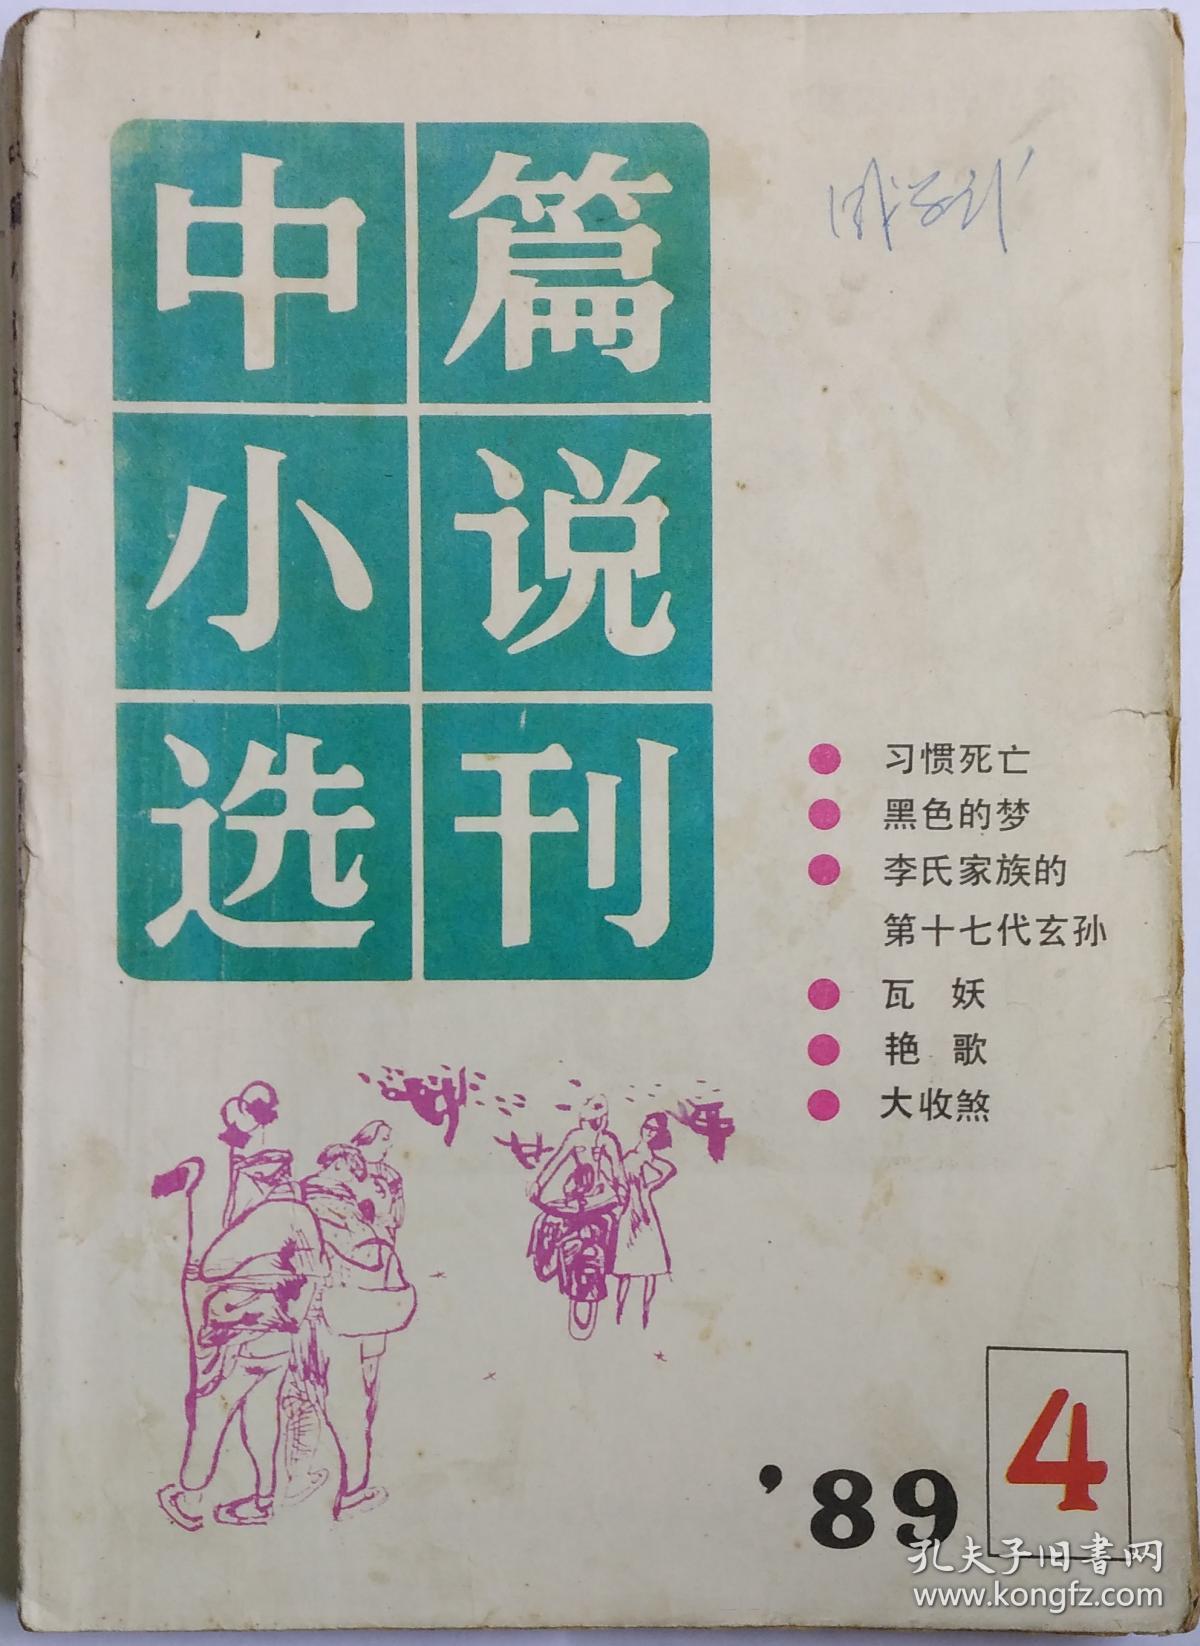 中篇小说选刊1989年第4期(张贤亮《习惯死亡》李佩甫《李氏家族的第十七代玄孙》叶兆言《艳歌》等)